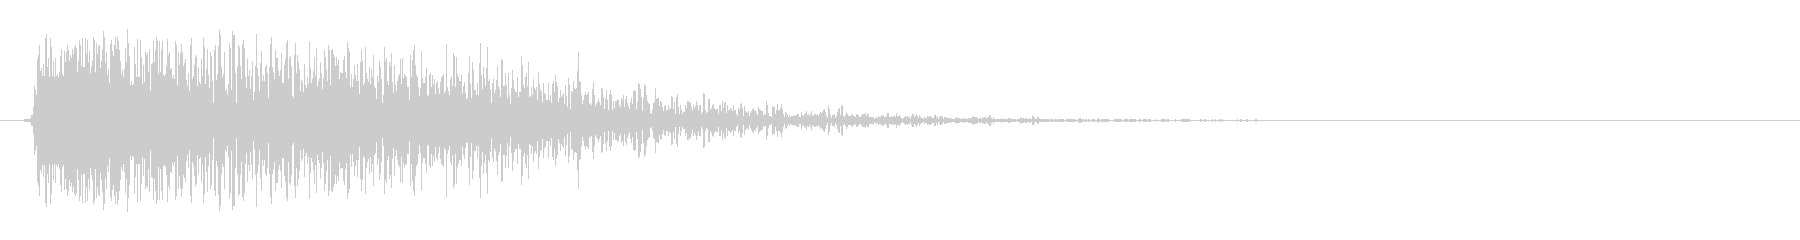 HitMetalヒットメタルインパクト1の未再生の波形